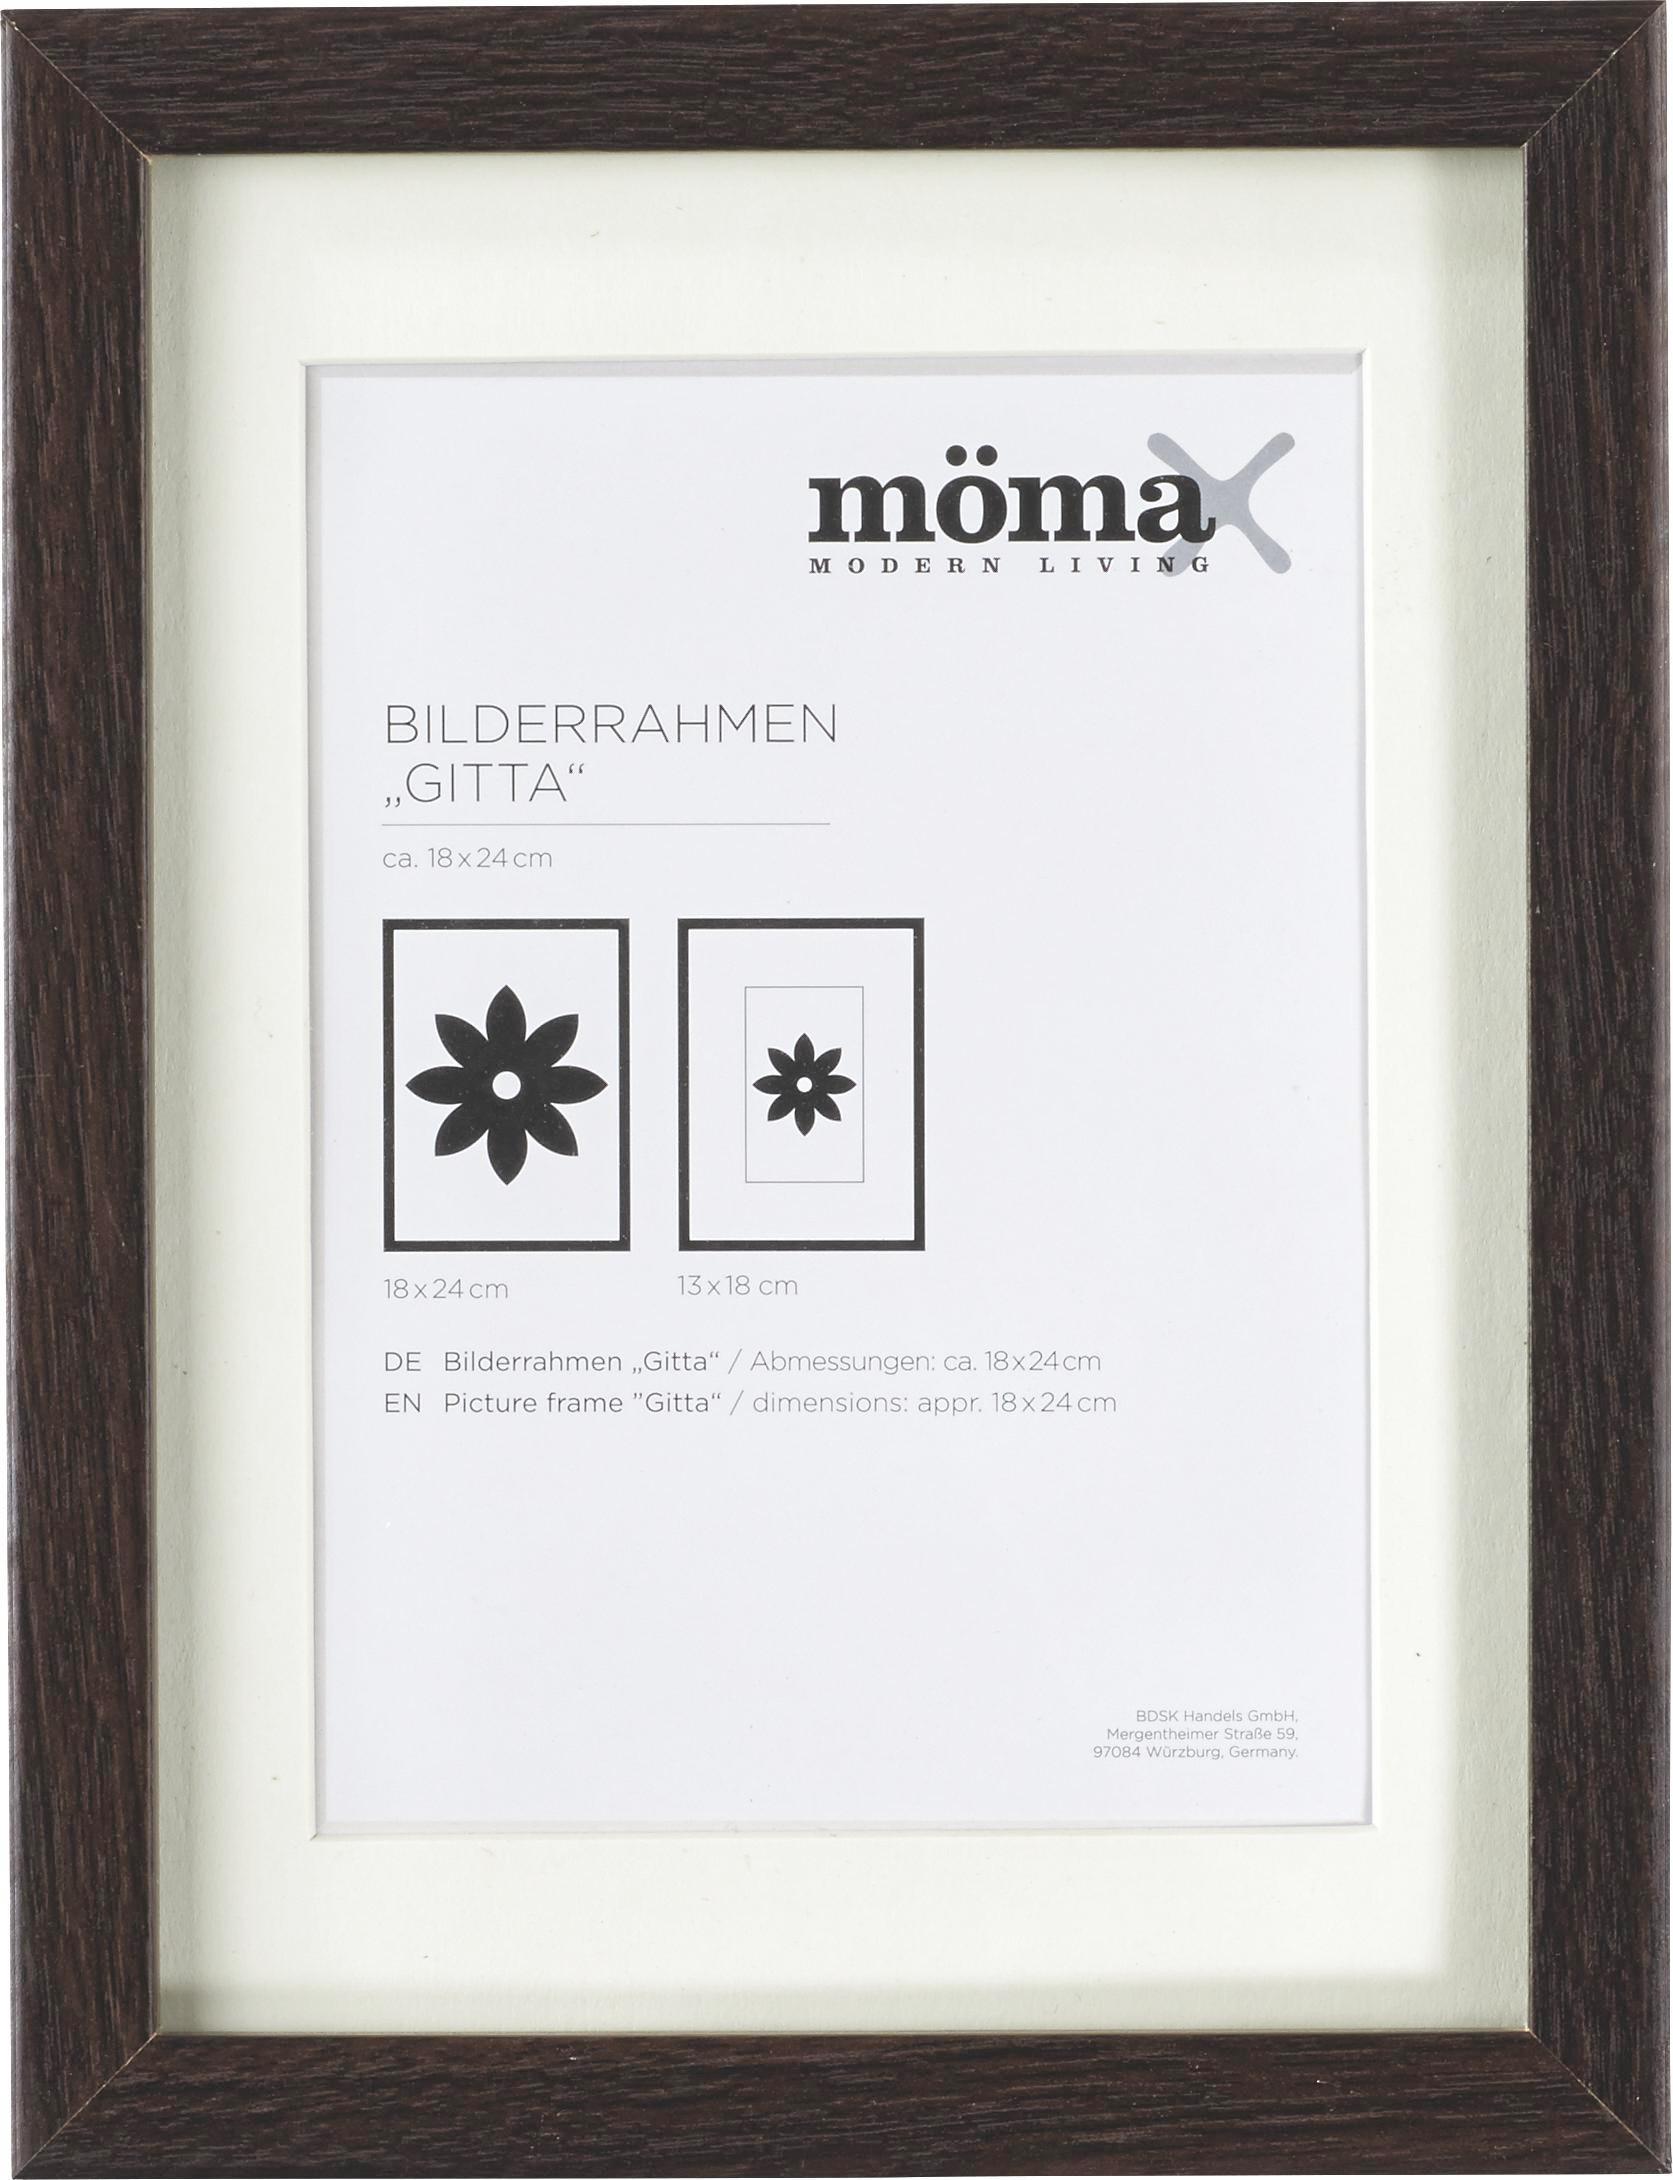 Bilderrahmen Gitta, ca. 18x24cm aus Holz online kaufen ➤ mömax